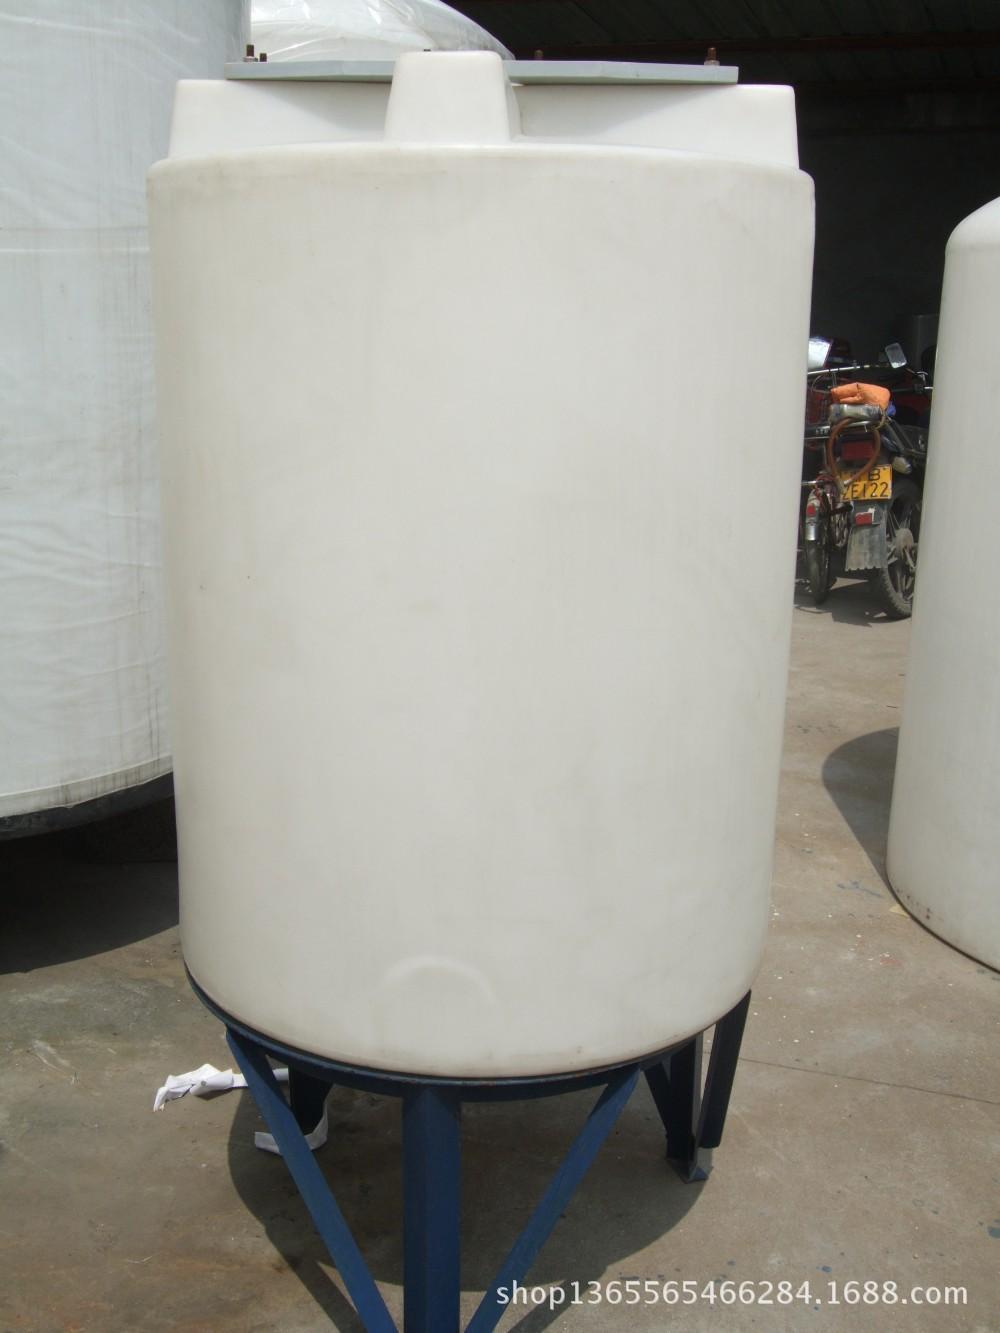 砼-细粒式沥青砼,粗粒式沥青砼--阿里巴巴采购